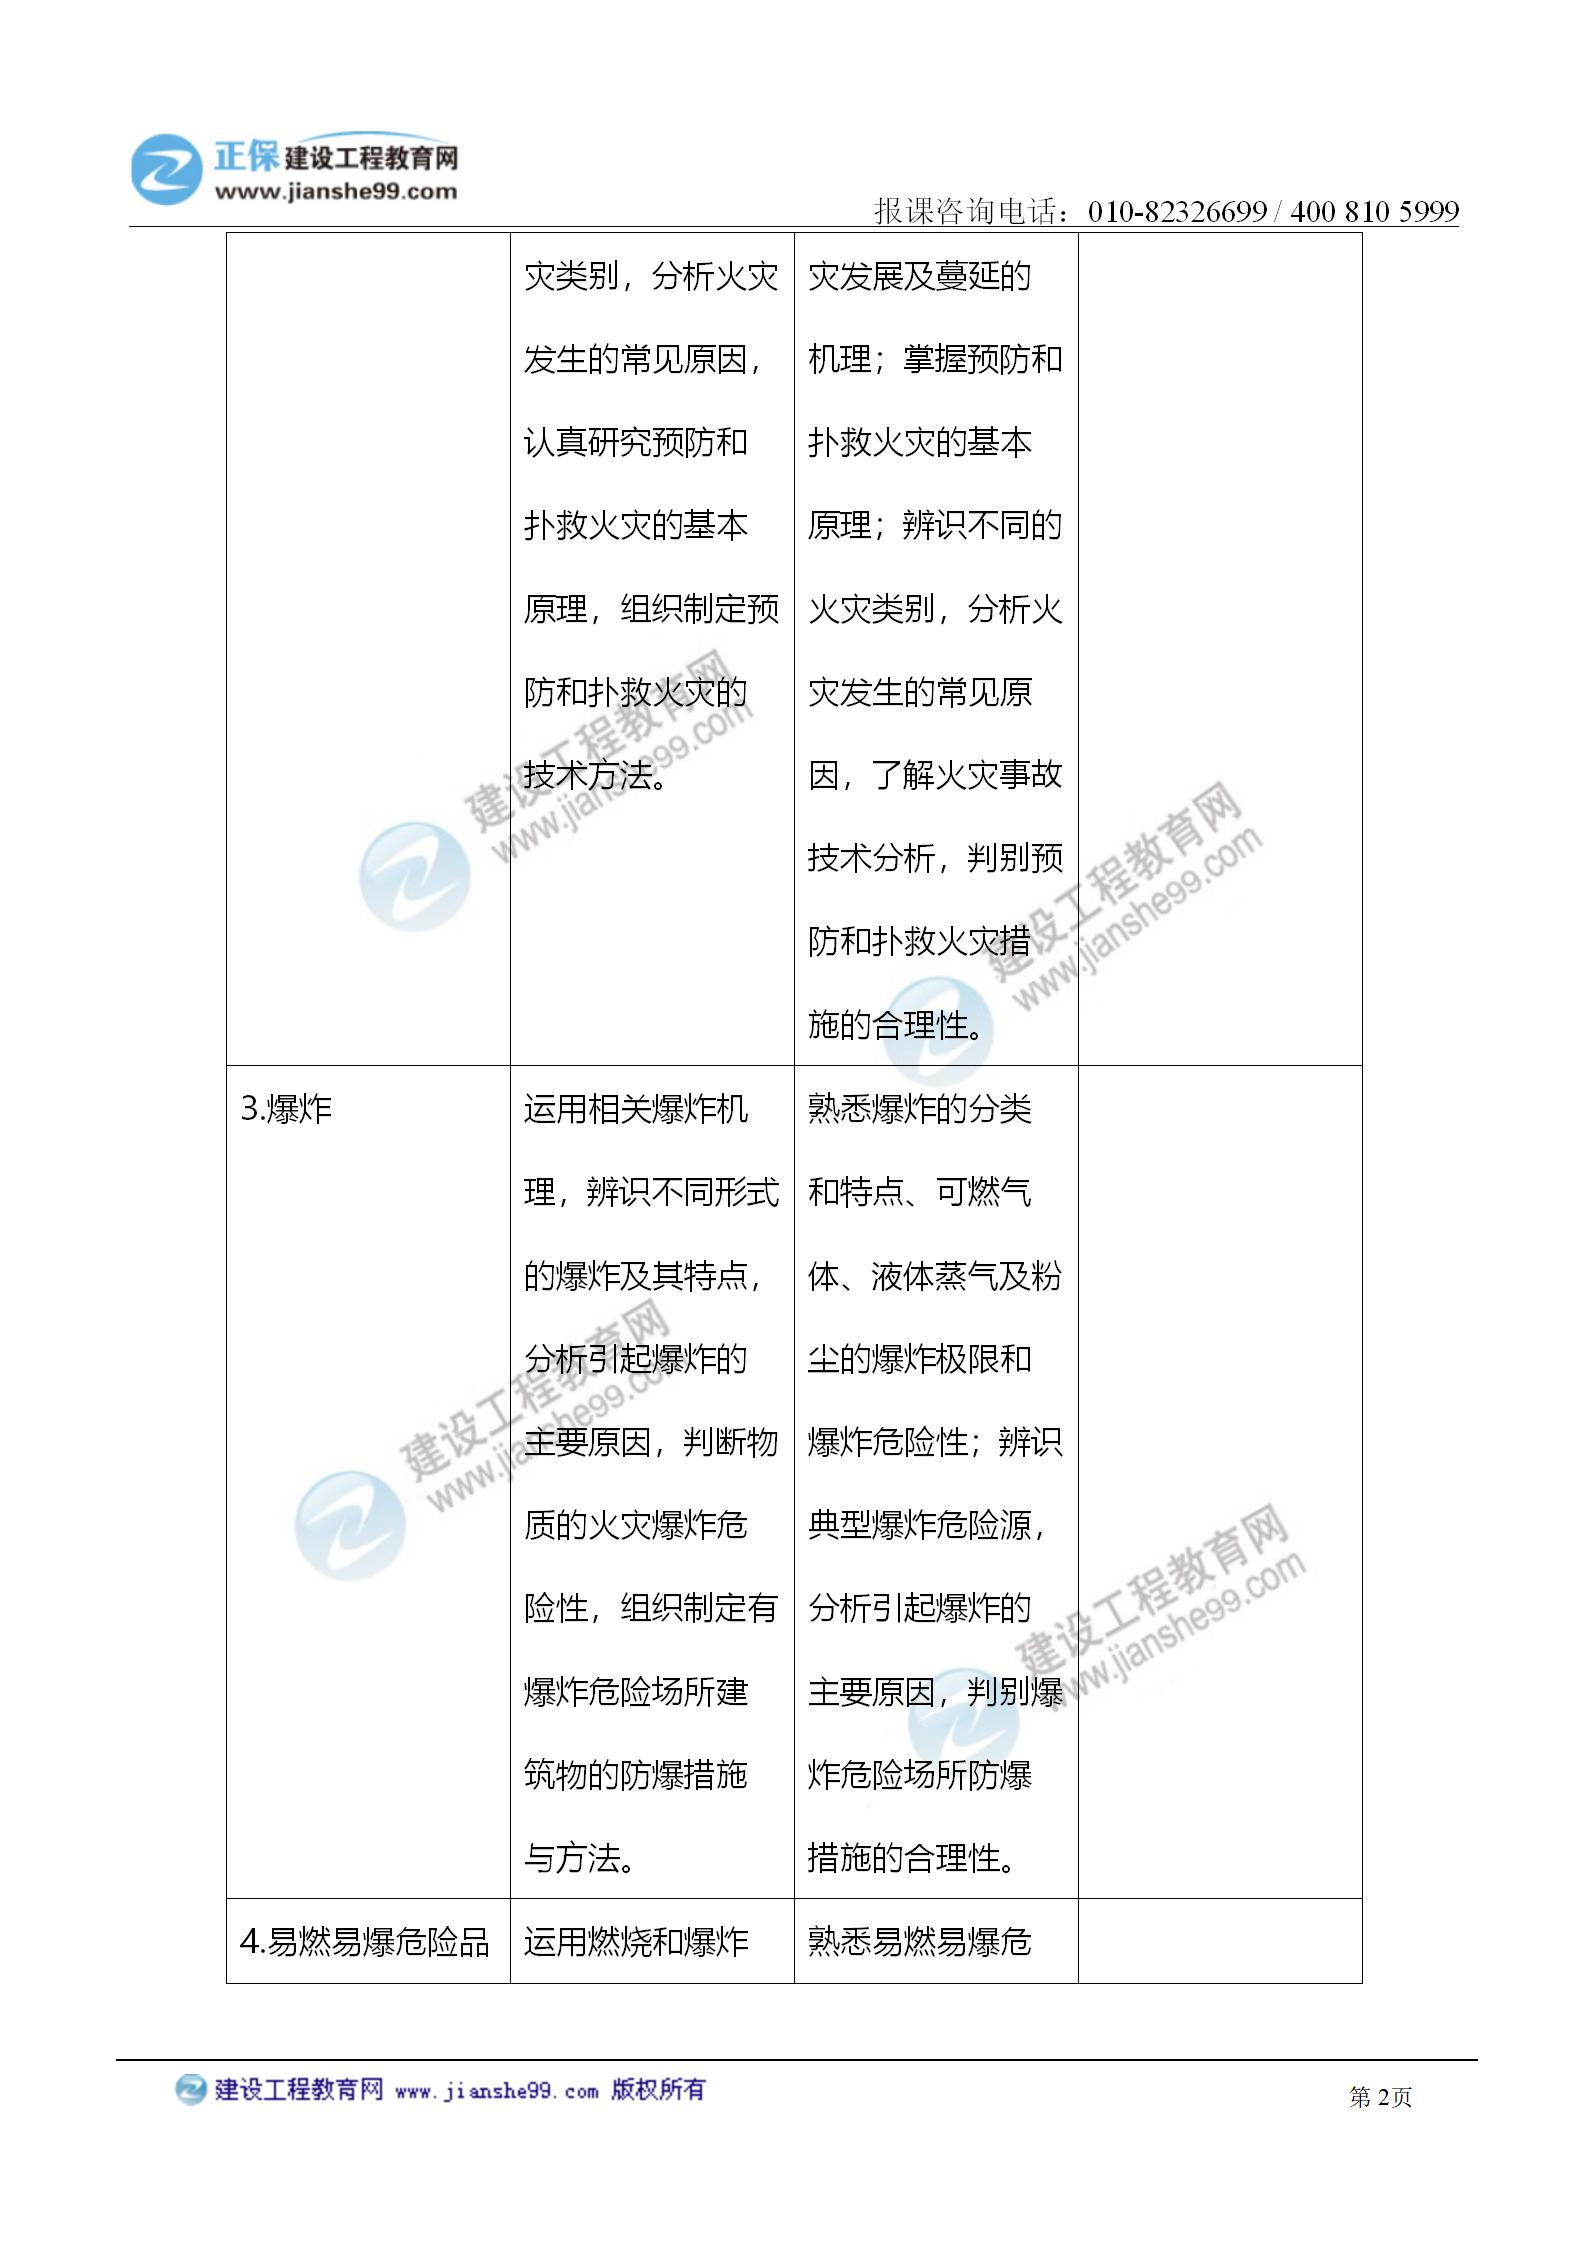 2021注册消防工程师《技术实务》考试大纲变化情况_02